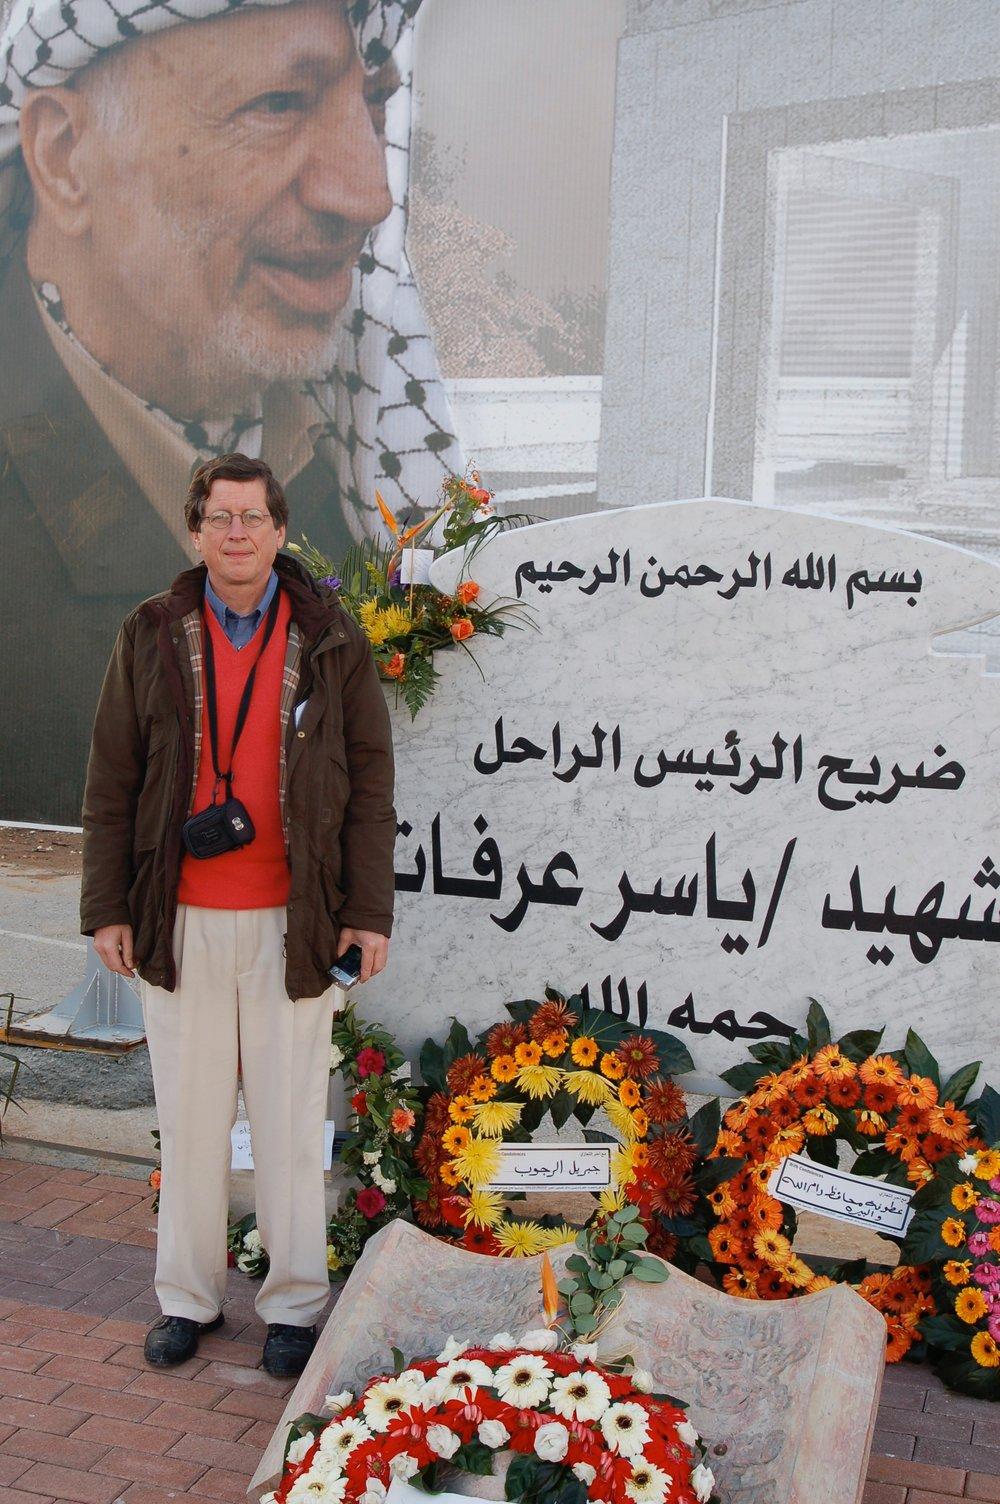 Bob at Arafat's grave